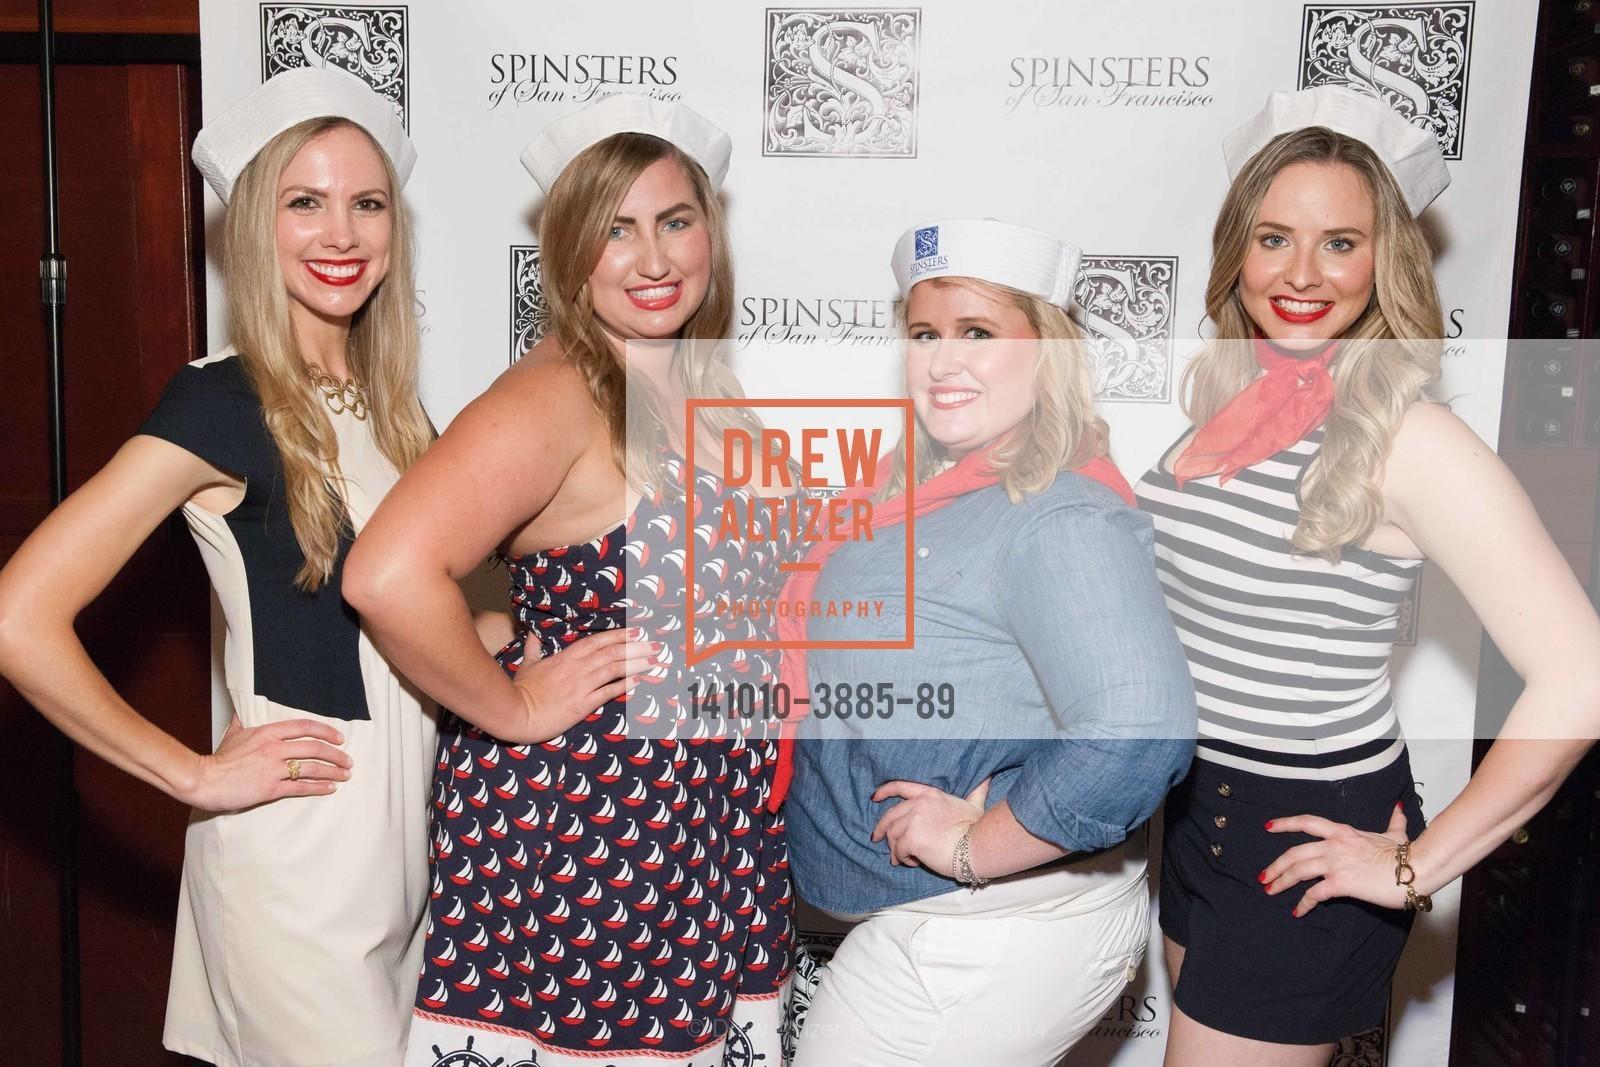 Michelle Bertino, Annie Benisch, Eryn Golden, Elizabeth Sgarrella, Photo #141010-3885-89